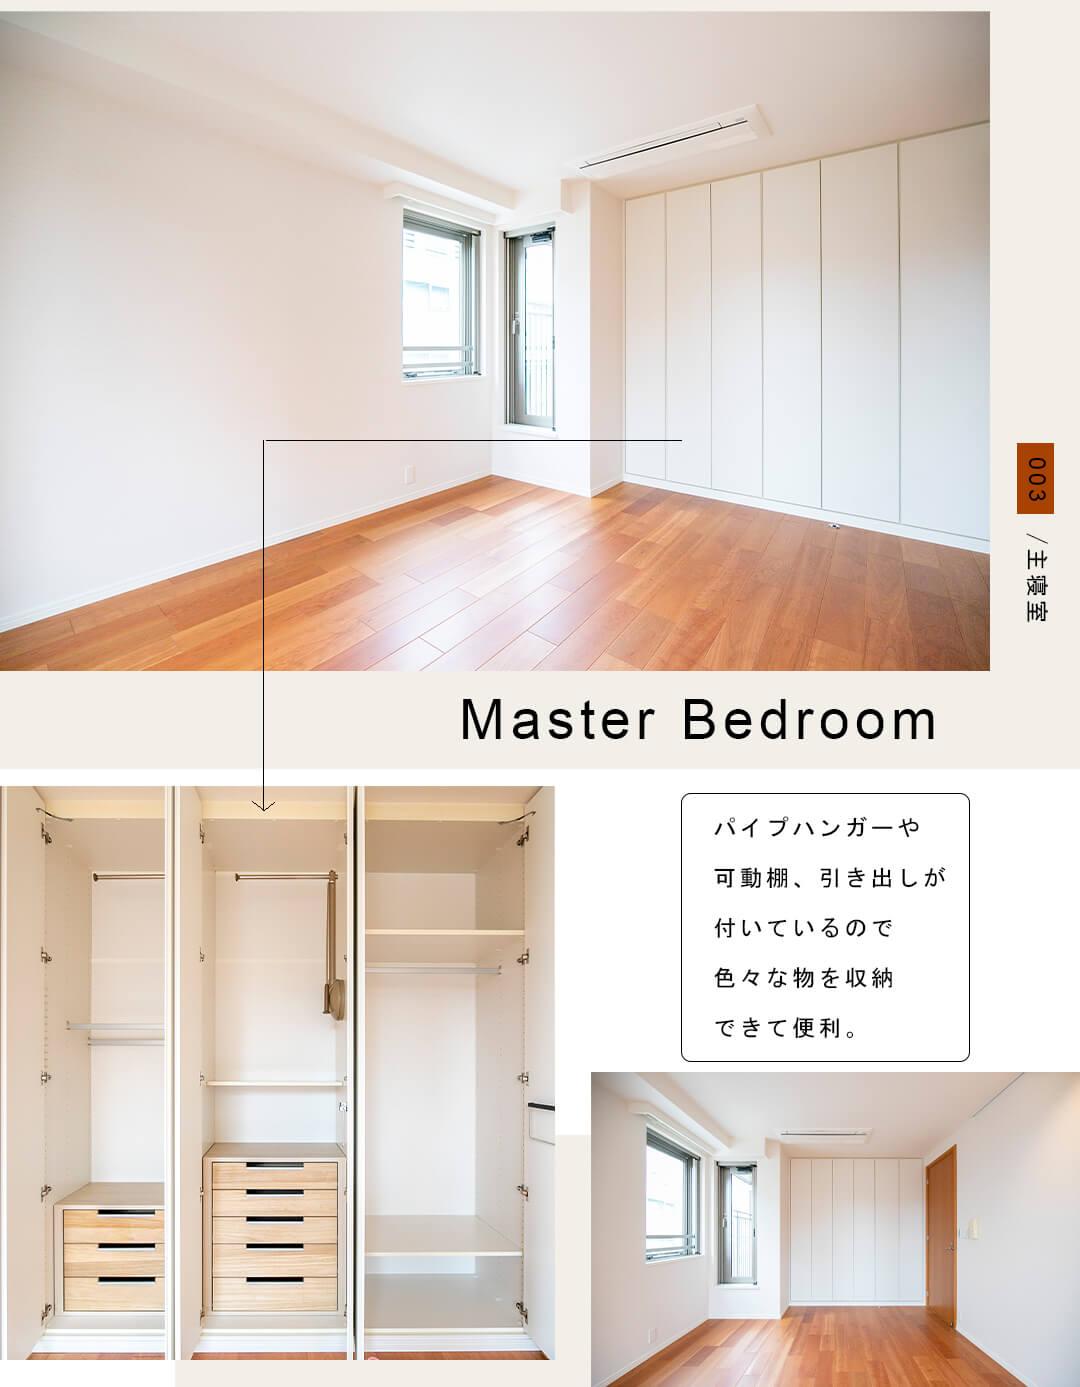 003主寝室,Master Bedroom